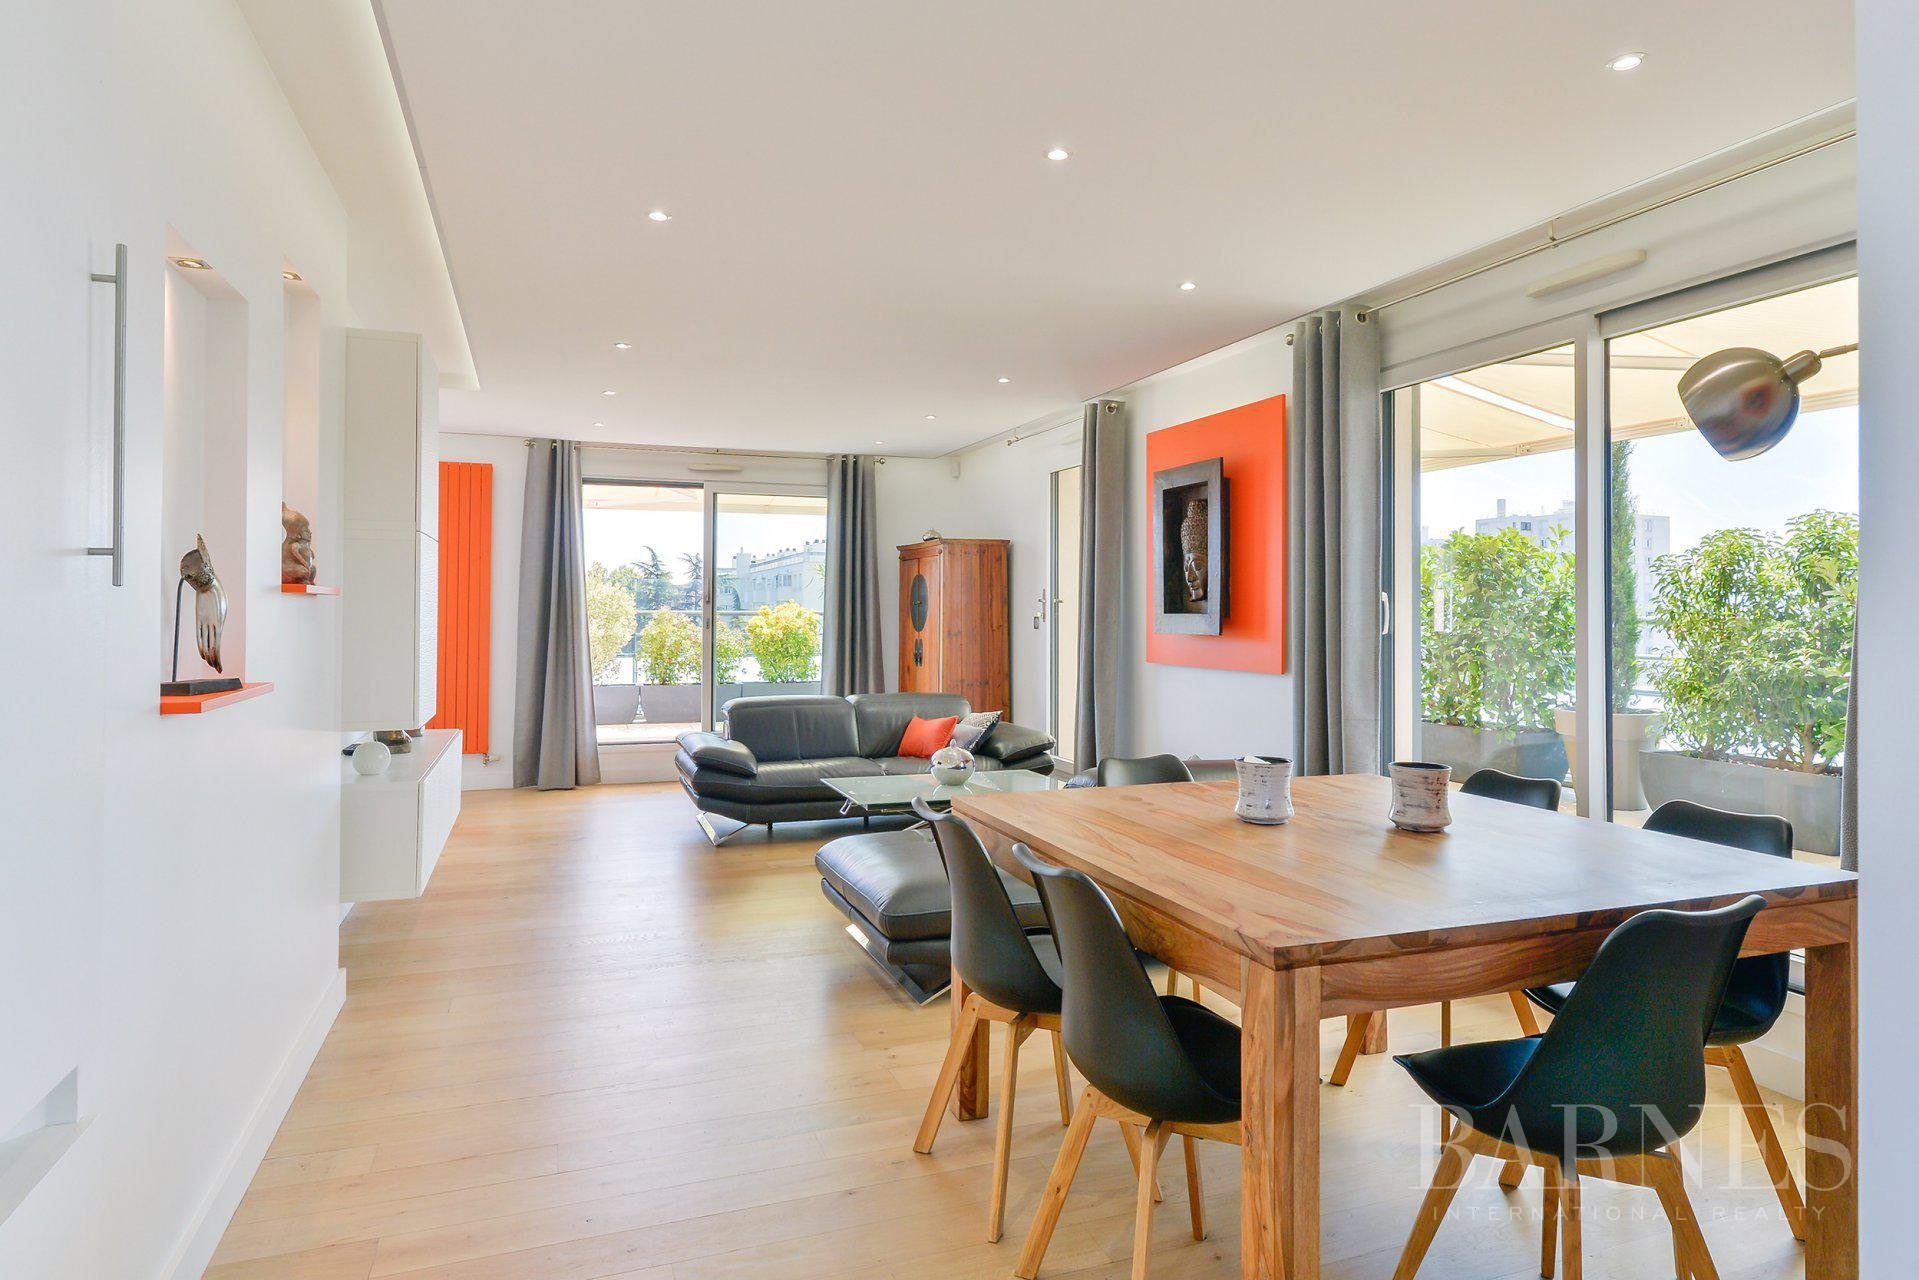 Lyon 4 - Croix-Rousse - Penthouse of 148 sqm - 4 BEDROOMS